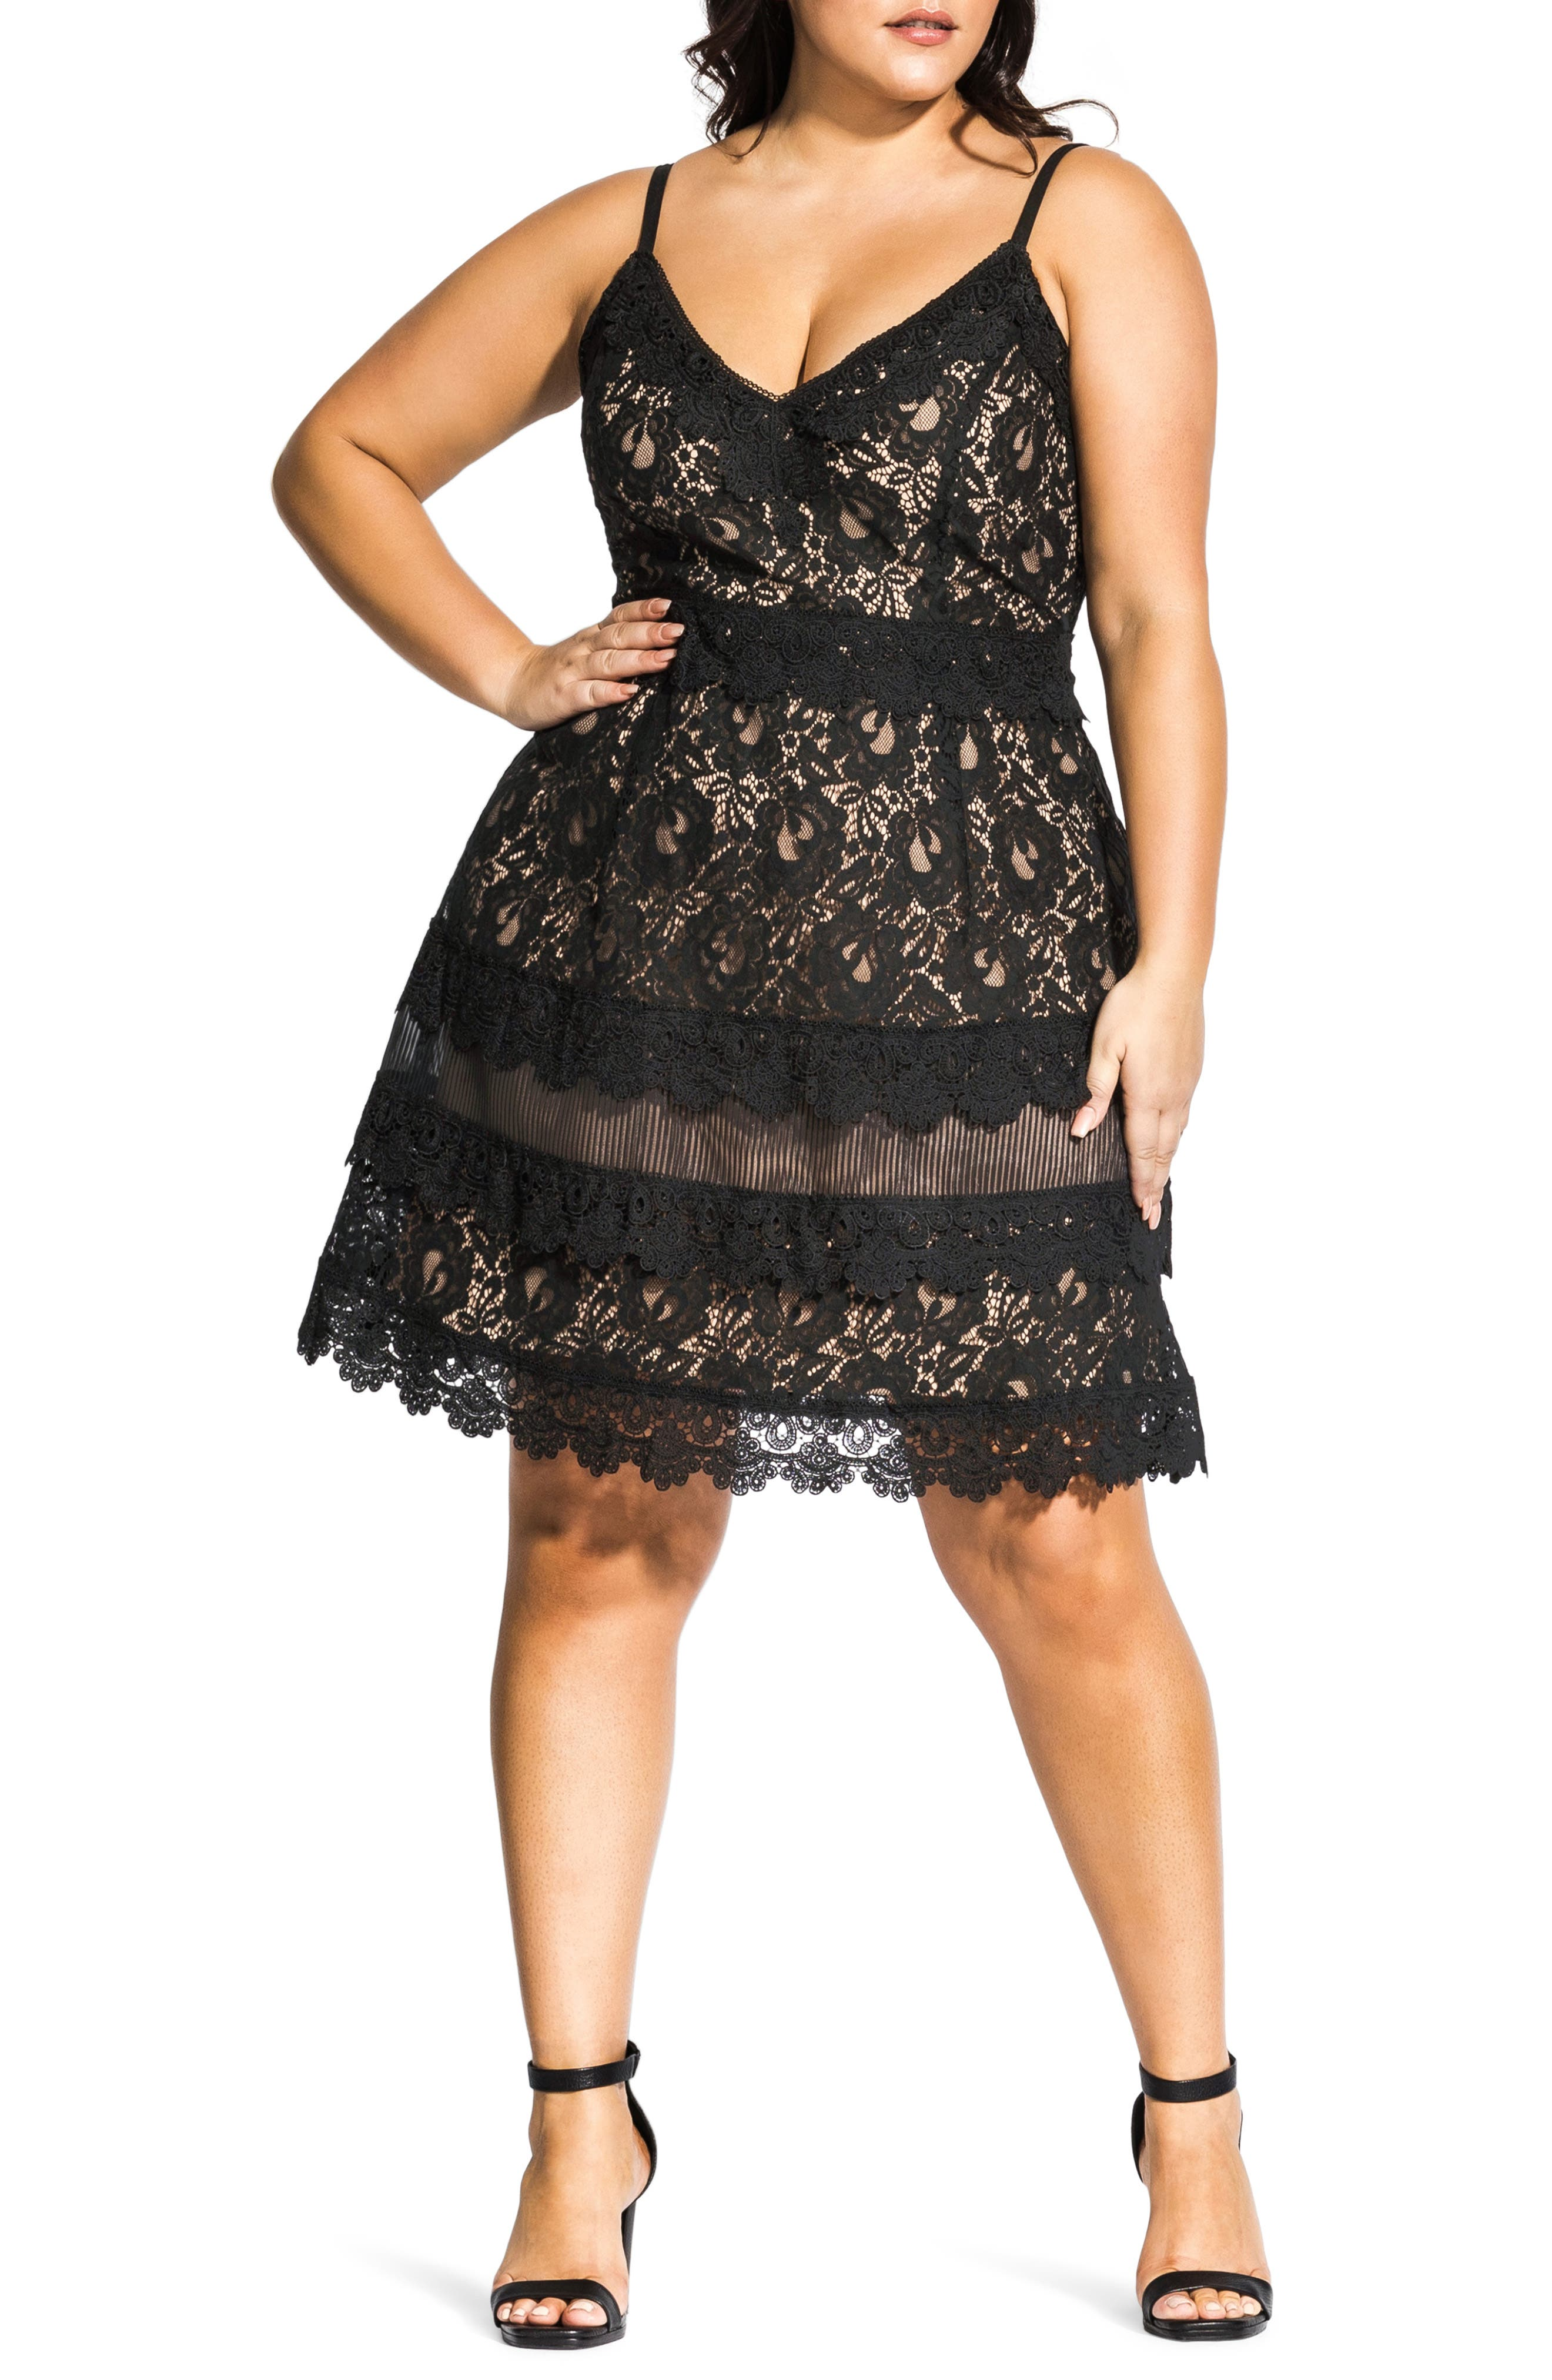 Plus Size City Chic Nouveau Cotton Blend Lace Fit & Flare Dress, Ivory